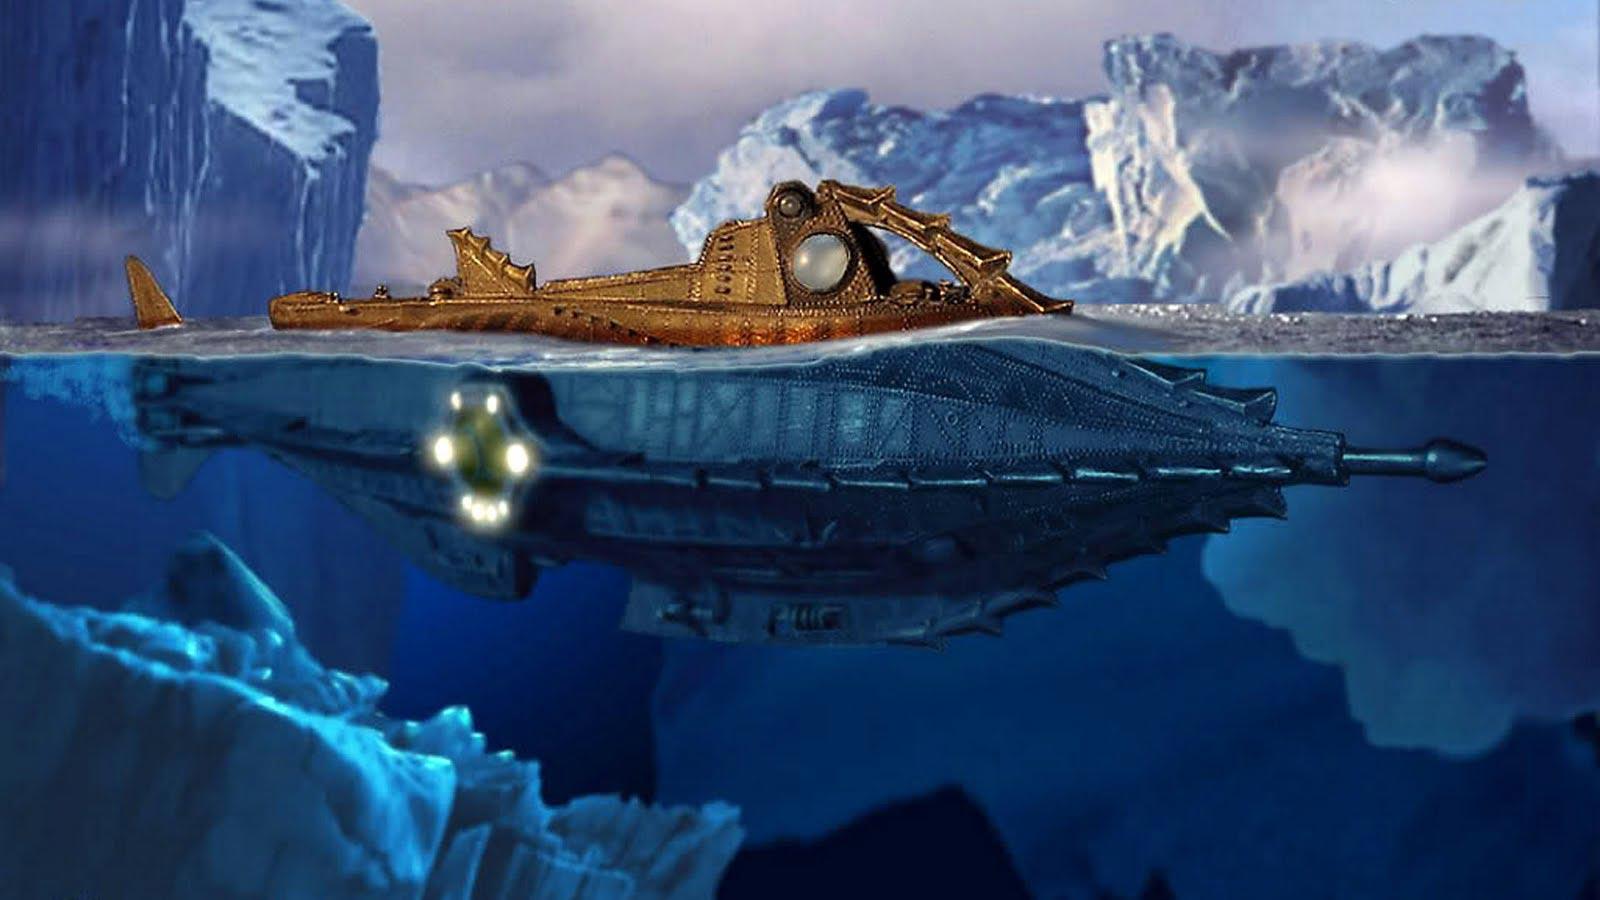 JV Nautilus 20 000 leagues under the sea remake 1 - Julio Verne y sus increíbles vaticinios que parecían ciencia ficción y hoy son toda una realidad.